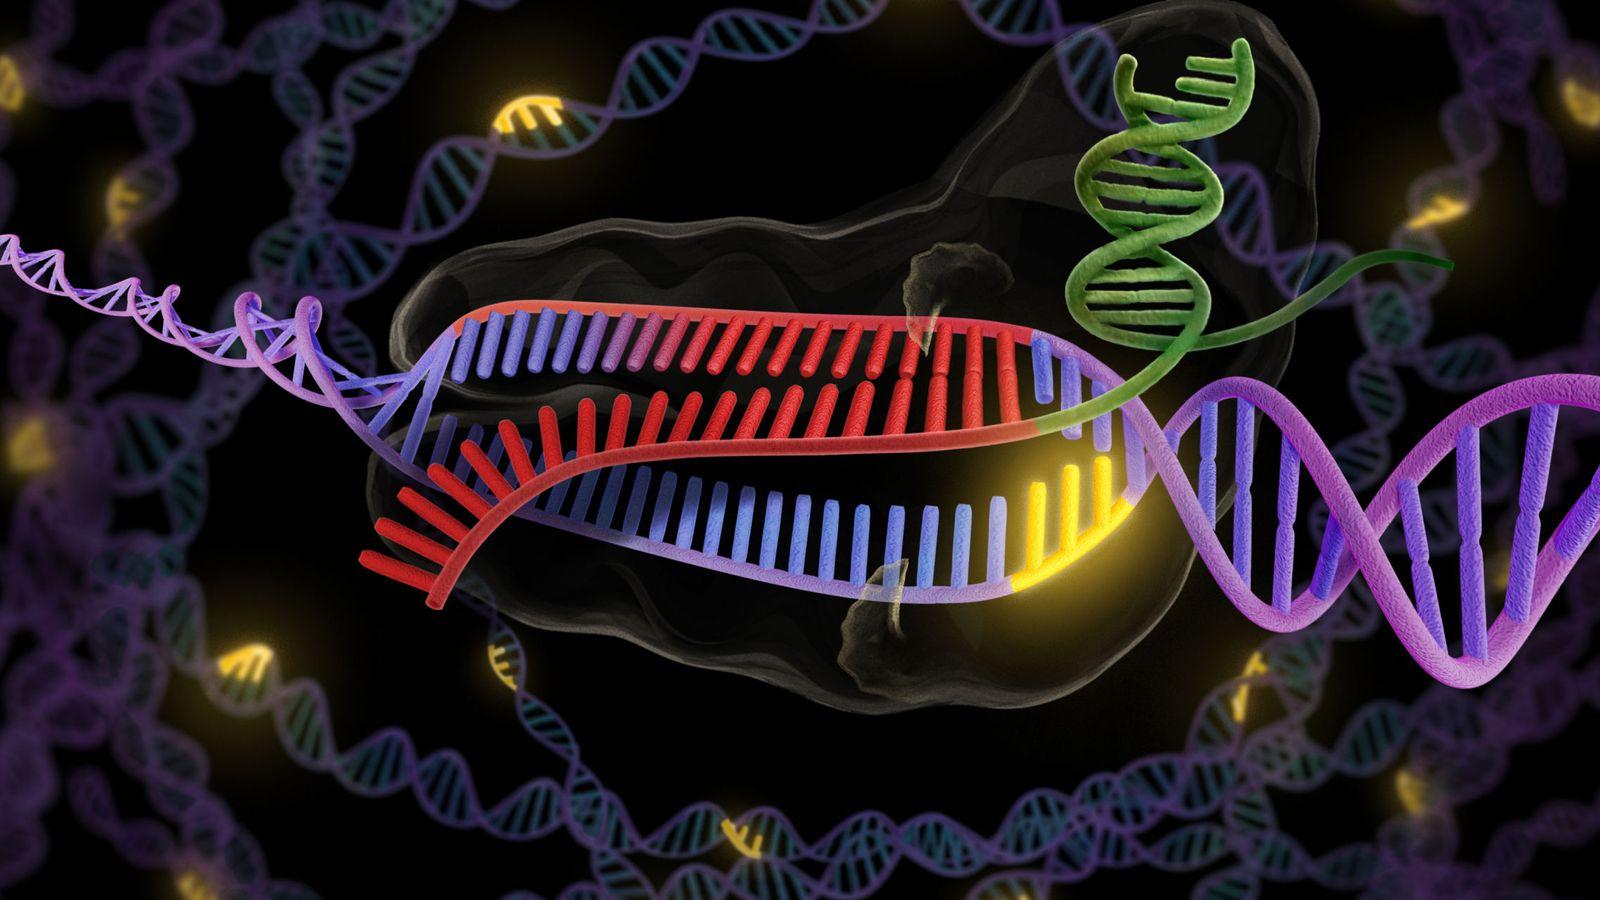 Foto: La enzima CRISPR en verde y rojo se une a una hebra doble de ADN en púrpura y rojo, para así cortar la parte deseada